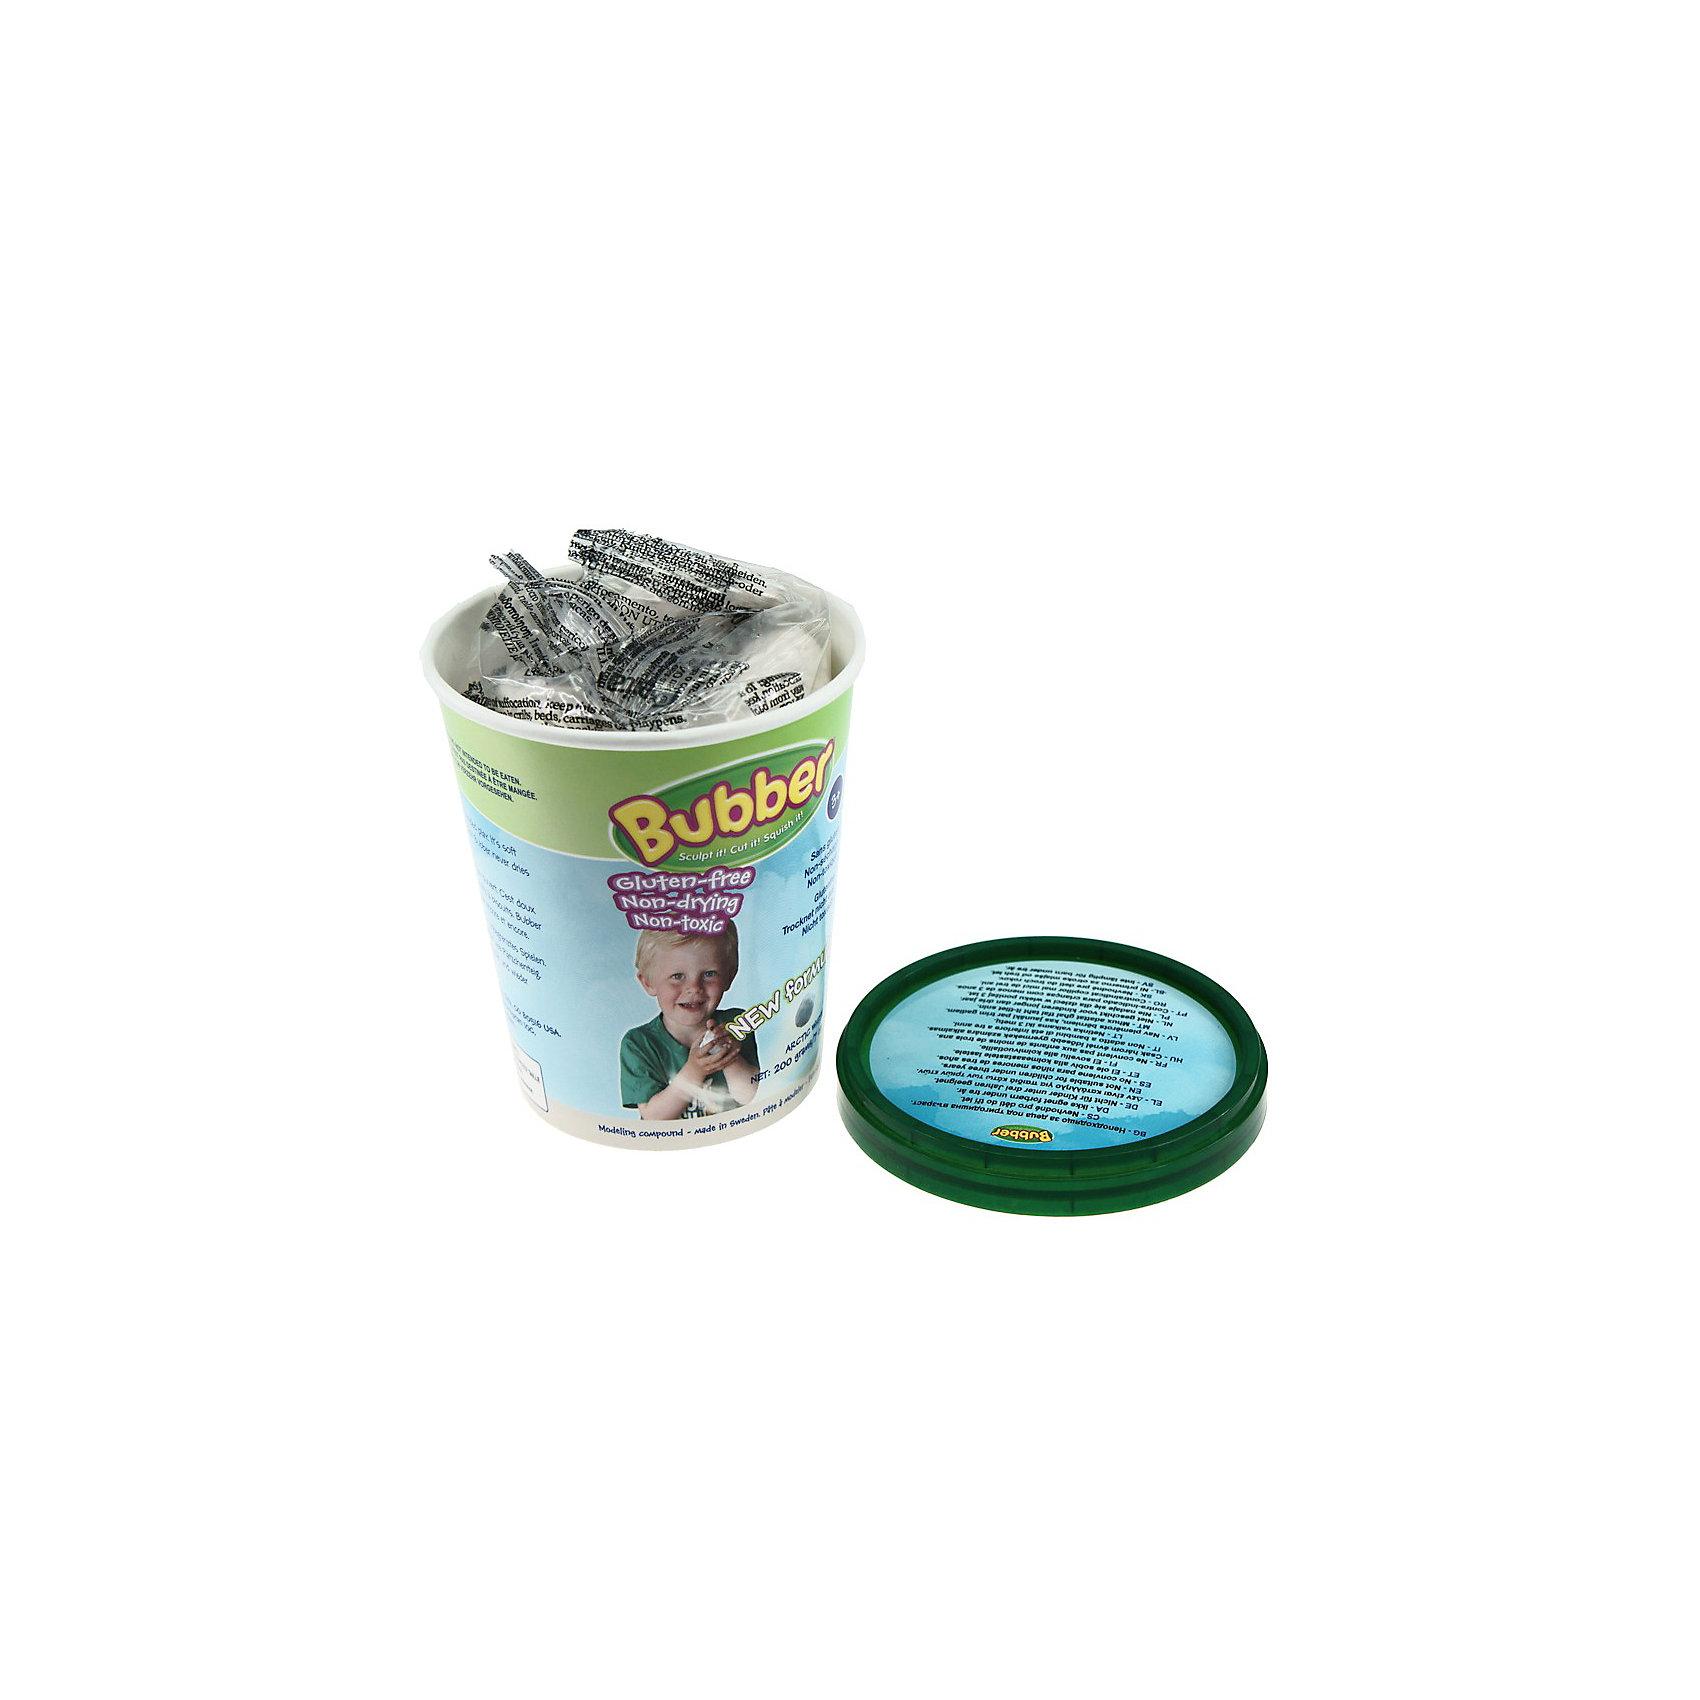 Масса для лепки Bubber, WABA FUN, 200 гр., белыйМасса для лепки Bubber от Waba Fun это уникальный инструмент для детского творчества. Смеси Bubber состоят из мельчайших керамических сфер и специального связующего компонента. Мягкие и невесомые смеси для лепки Bubber приятны на ощупь и предоставляют огромные возможности для игр и творчества, из них можно лепить волшебные замки, макеты и статуи, различные геометрические фигуры с четкими гранями и более простые формы, придумывать новые фигурки.<br><br>Смеси Bubber совершенно безопасны, нетоксичны и гипоаллергенны, не липнут к рукам, легко чистятся и не оставляют пятен. Смеси не сохнут, поэтому можно играть с ними снова и снова. В данном наборе представлена смесь белого цвета в пластиковом ведерке 200 гр., с ее помощью Ваш ребенок сможет слепить разнообразные фигуры, которые будут держать форму, не смотря на рассыпчатую структуру строительного материала.  <br><br>Занятия лепкой из смесей Bubber стимулируют развитие творческих способностей и воображения у ребёнка, развивают мелкую моторику, способствуют формированию речи и подготавливают руку к письму.<br><br>Дополнительная информация:<br><br>- Материал: мелкие керамические сферы и связующий компонент.<br>- Размер упаковки: 10 x 9 x 10 см.<br>- Вес: 200 гр.<br><br>Массу для лепки Bubber (белая) от Waba Fun можно купить в нашем интернет-магазине.<br><br>Ширина мм: 200<br>Глубина мм: 65<br>Высота мм: 190<br>Вес г: 200<br>Возраст от месяцев: 36<br>Возраст до месяцев: 84<br>Пол: Унисекс<br>Возраст: Детский<br>SKU: 3571635